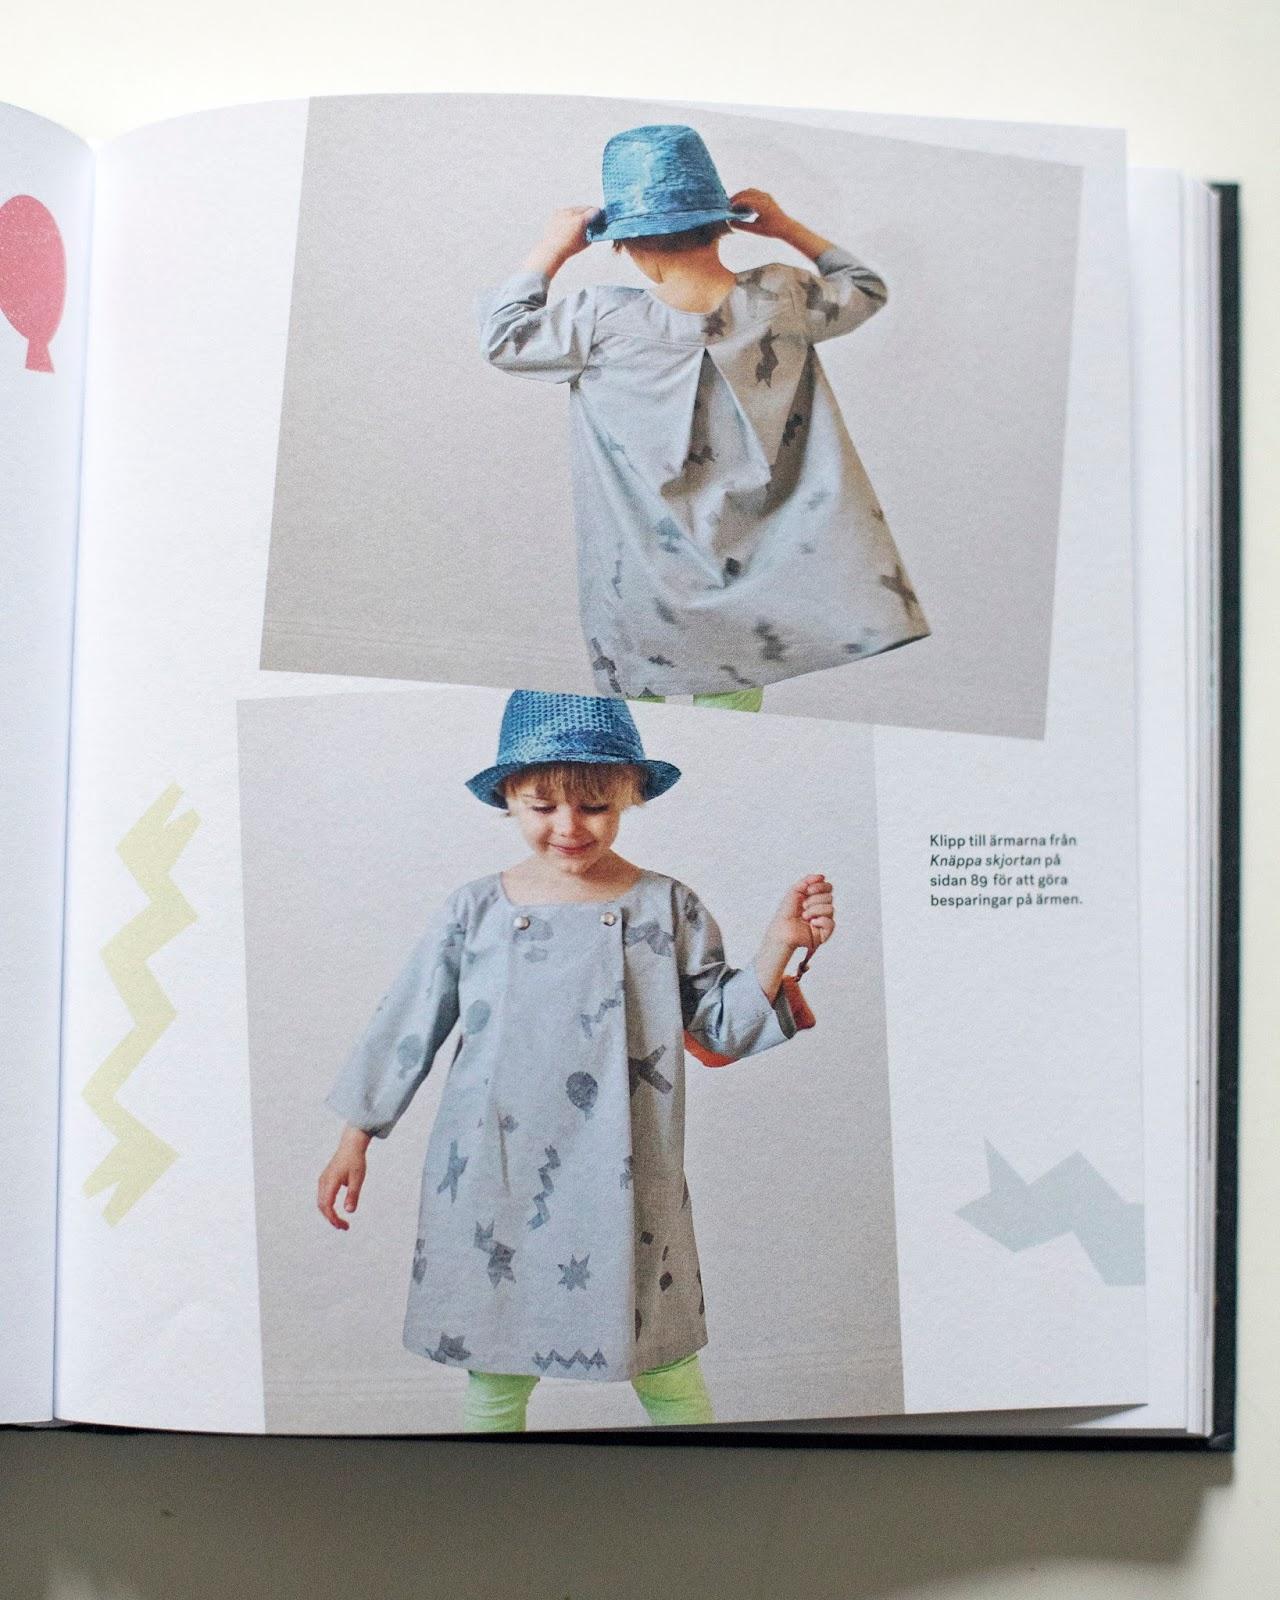 3150f5ca9c9a Något jag uppskattar är att det är kläder som är bekväma. Även de klänningar  och skjortor som finns i boken ser bekväma ut. Jag får rysningar när barn  är ...